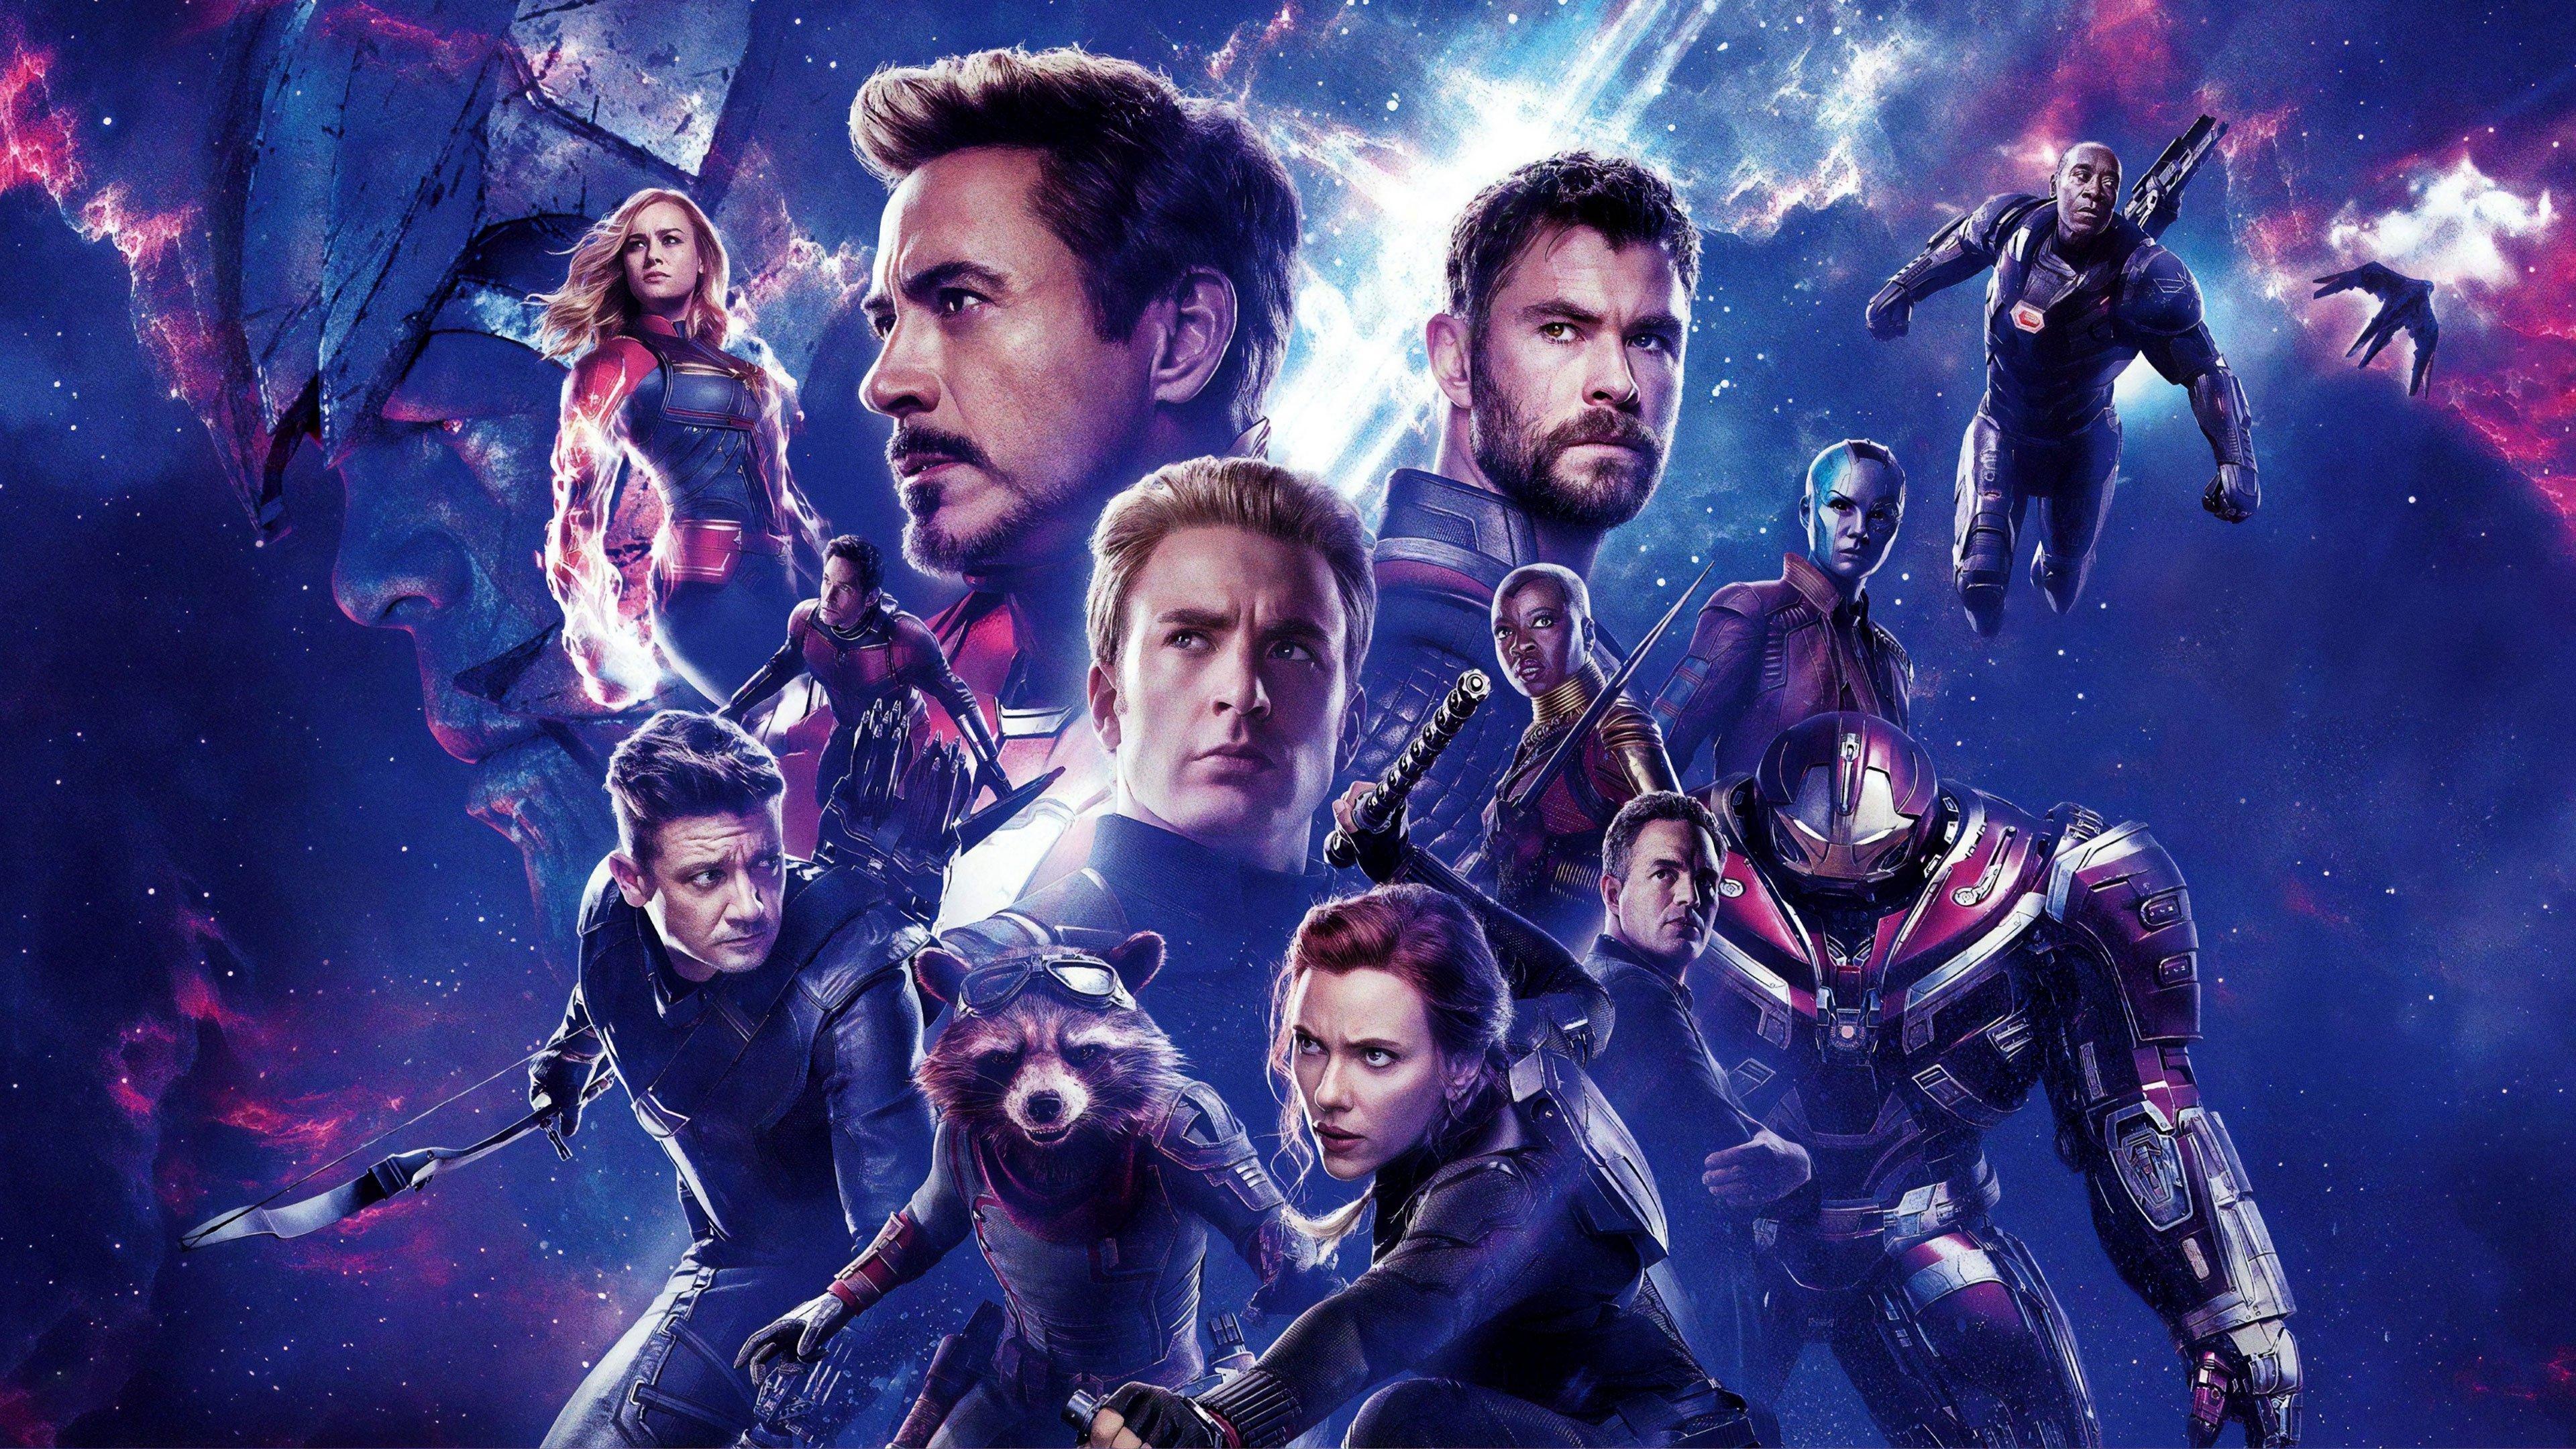 Fondos de pantalla Avengers Endgame